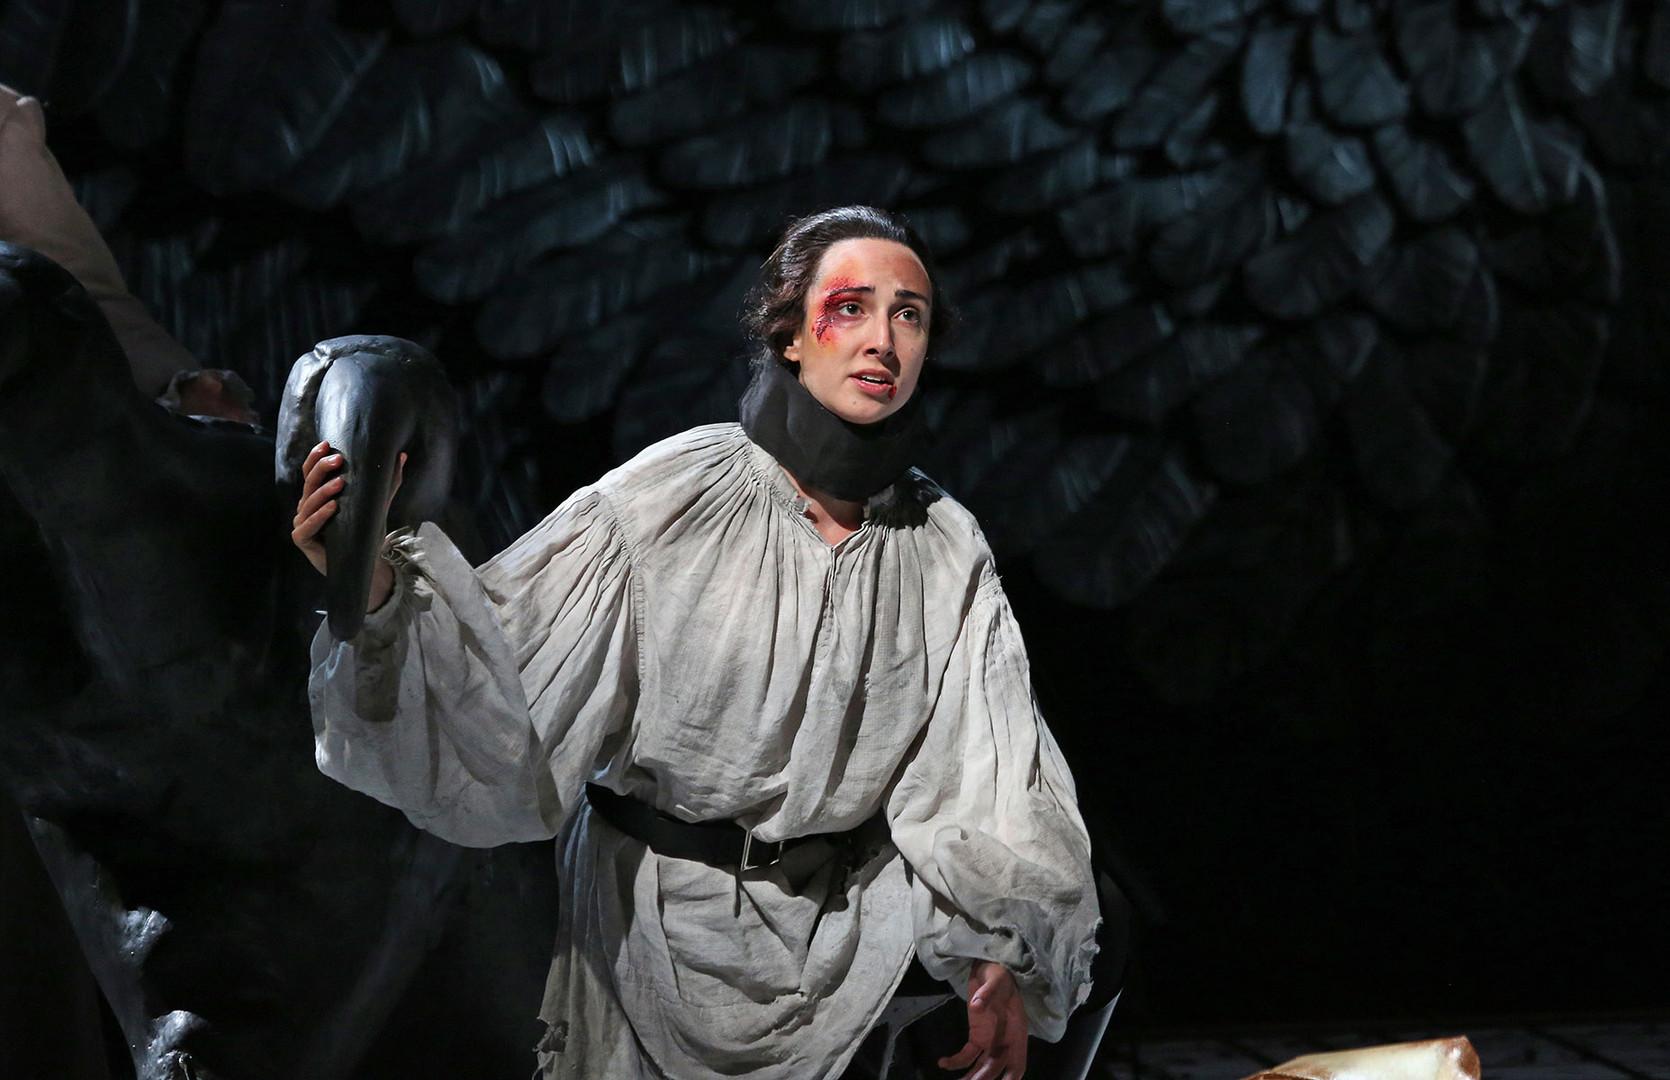 Mozart La Clemenza di Tito | Opera Theater of St. Louis, 2017